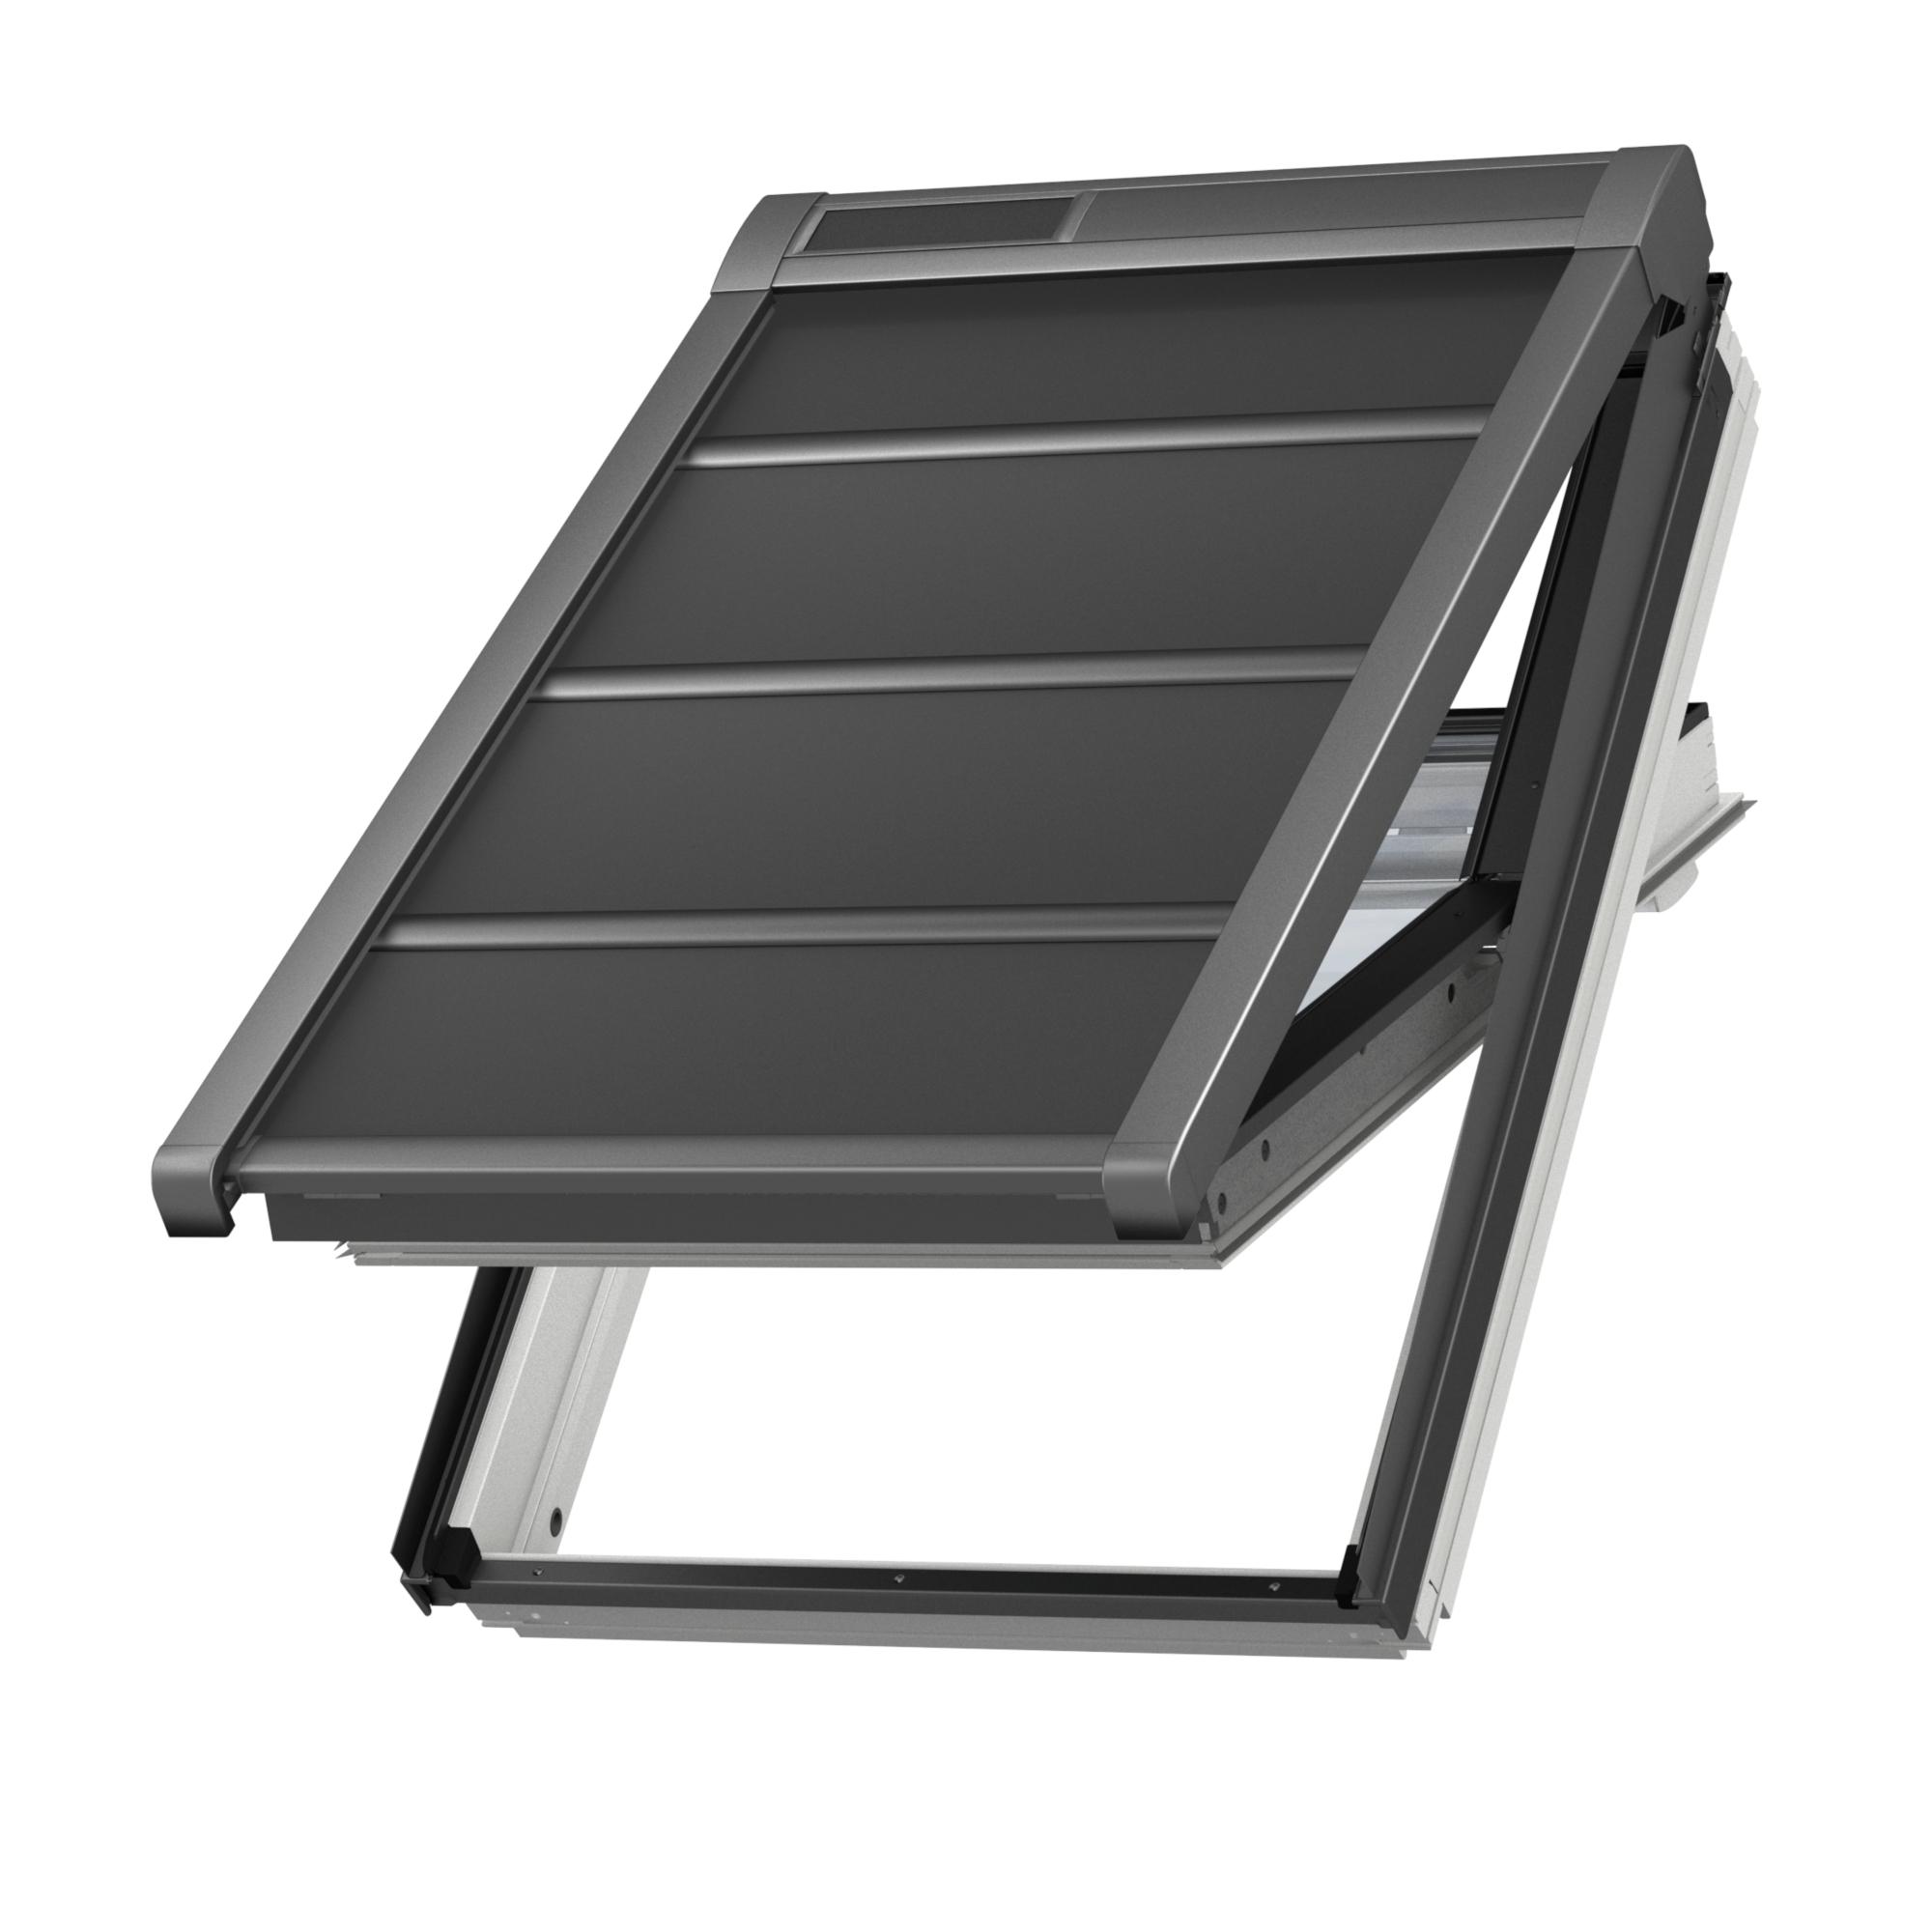 Roleta venkovní lehká Velux SSS na solární pohon MK06